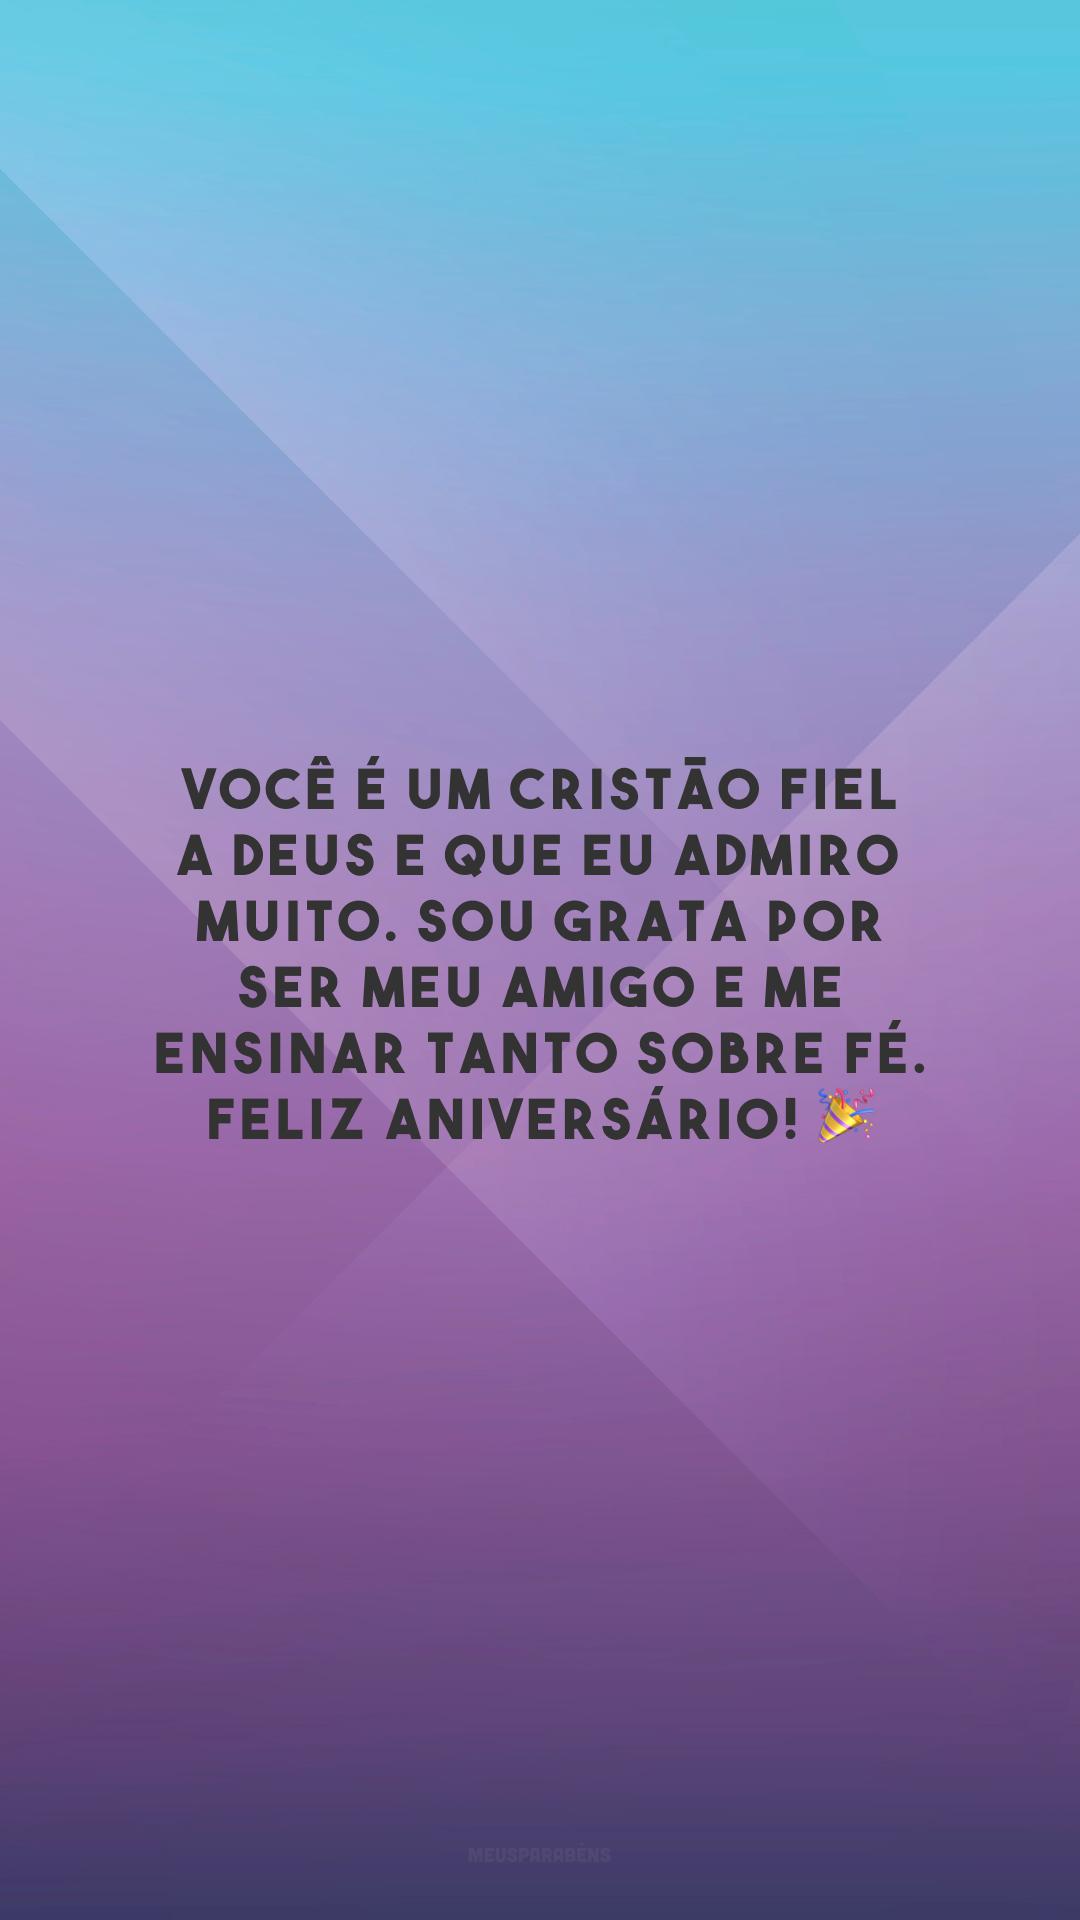 Você é um cristão fiel a Deus e que eu admiro muito. Sou grata por ser meu amigo e me ensinar tanto sobre fé. Feliz aniversário! 🎉